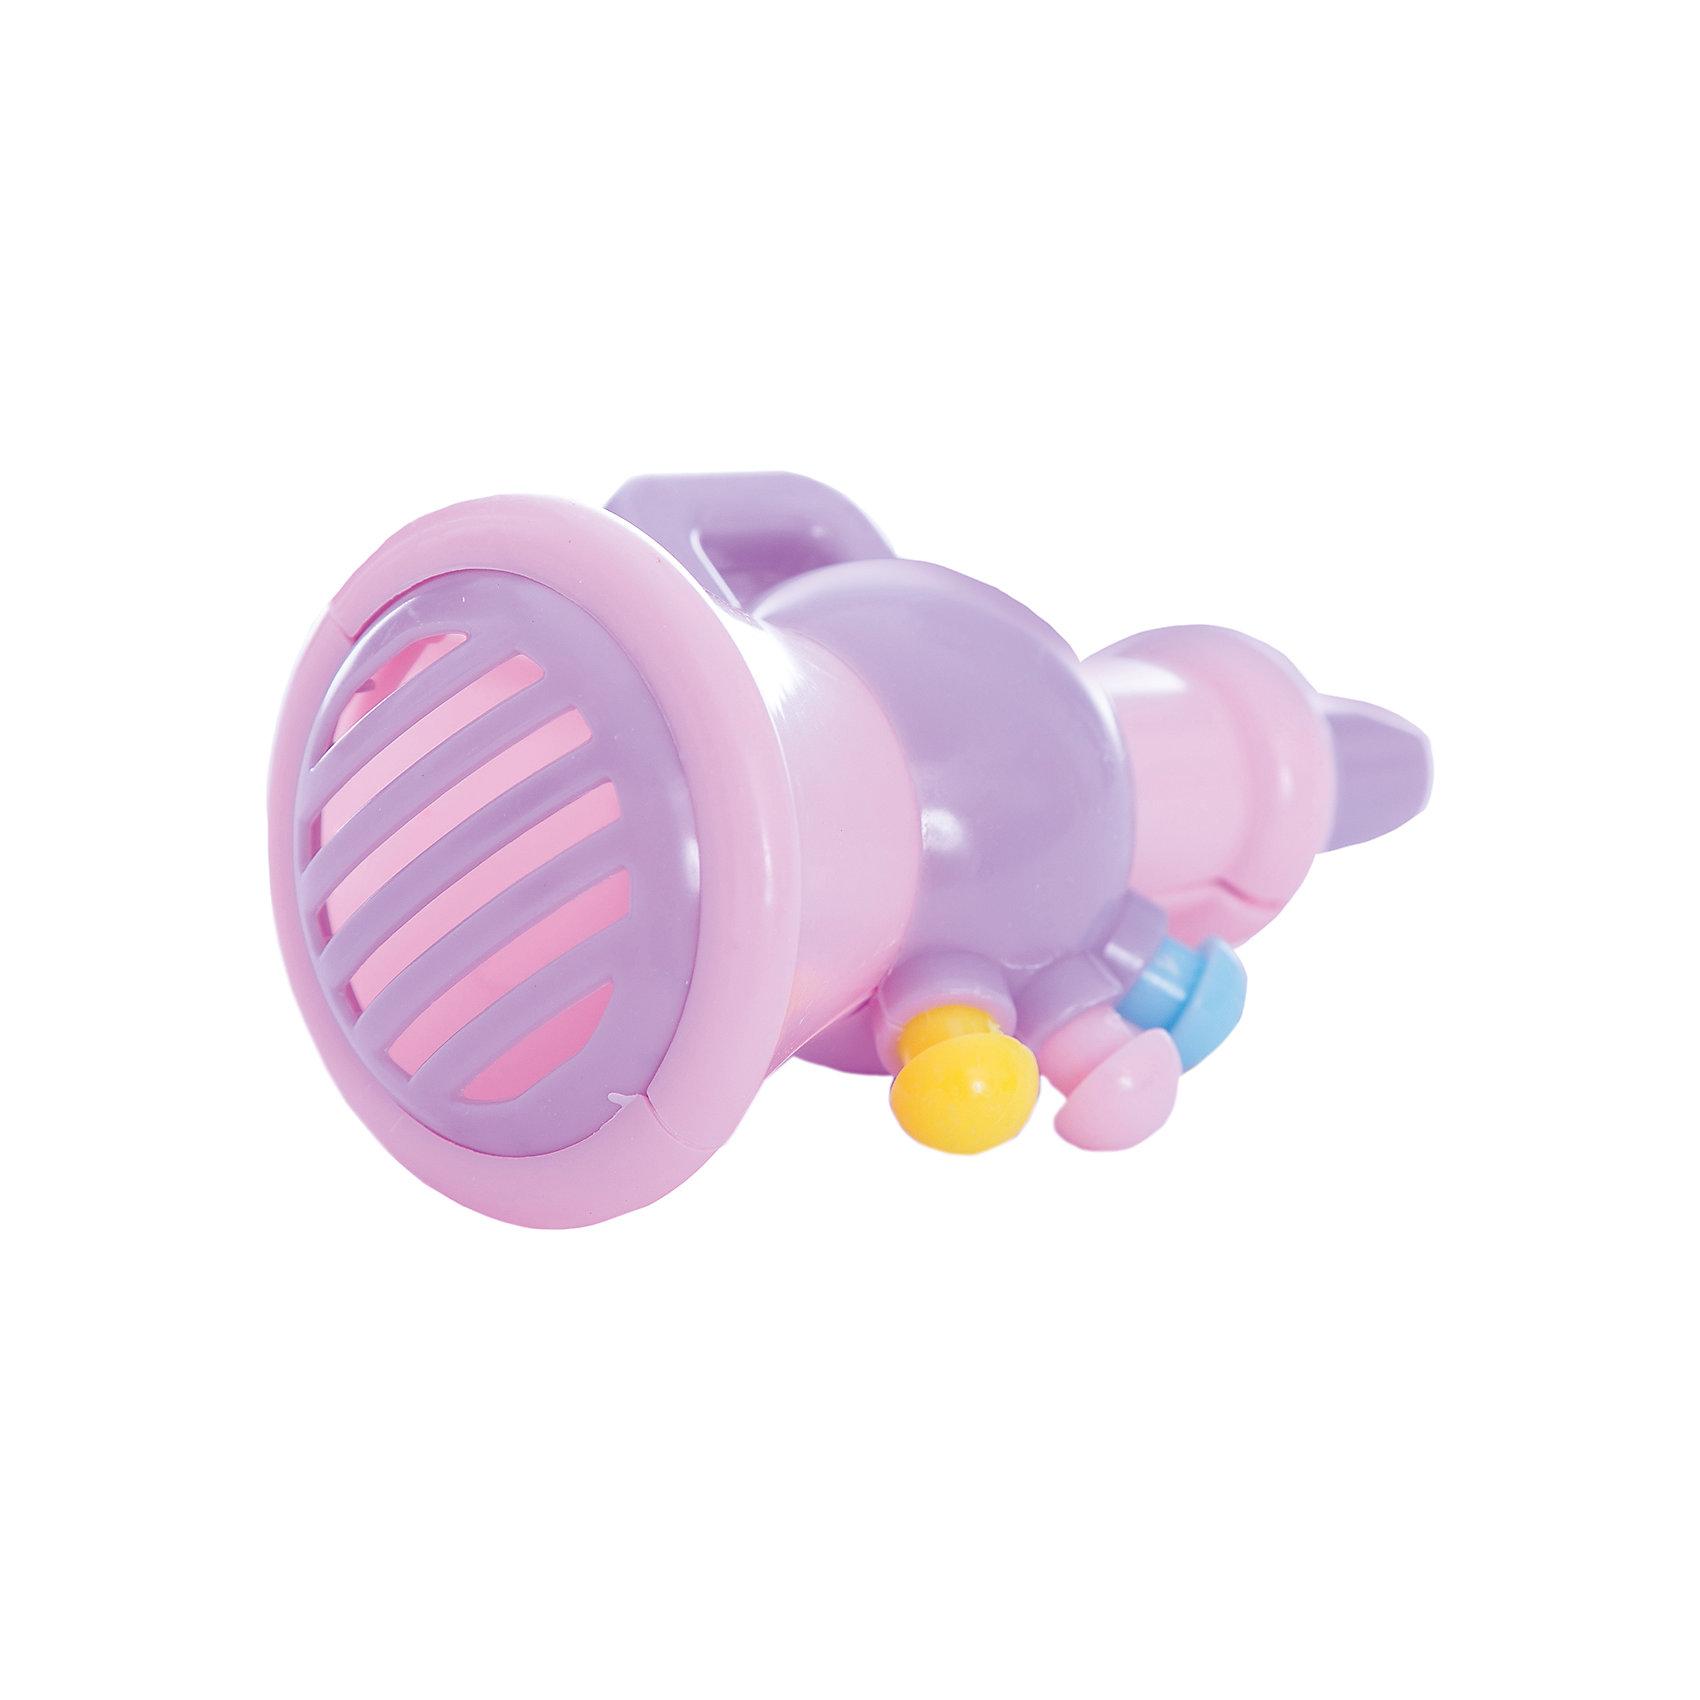 Труба, 1toyМузыкальные инструменты и игрушки<br>Детский музыкальный инструмент Труба имеет привлекательный дизайн и 3 кнопочки, нажав на которые, труба будет издать музыкальные звуки. Эта труба несомненно понравится малышу и станет его первым музыкальным инструментом!<br><br>Дополнительная информация:<br>Материал: пластик<br>Размер: 6х5х10 см<br>Вес: 25 грамм<br>Трубу можно купить в нашем интернет-магазине.<br><br>Ширина мм: 100<br>Глубина мм: 50<br>Высота мм: 60<br>Вес г: 25<br>Возраст от месяцев: 36<br>Возраст до месяцев: 120<br>Пол: Унисекс<br>Возраст: Детский<br>SKU: 4953674